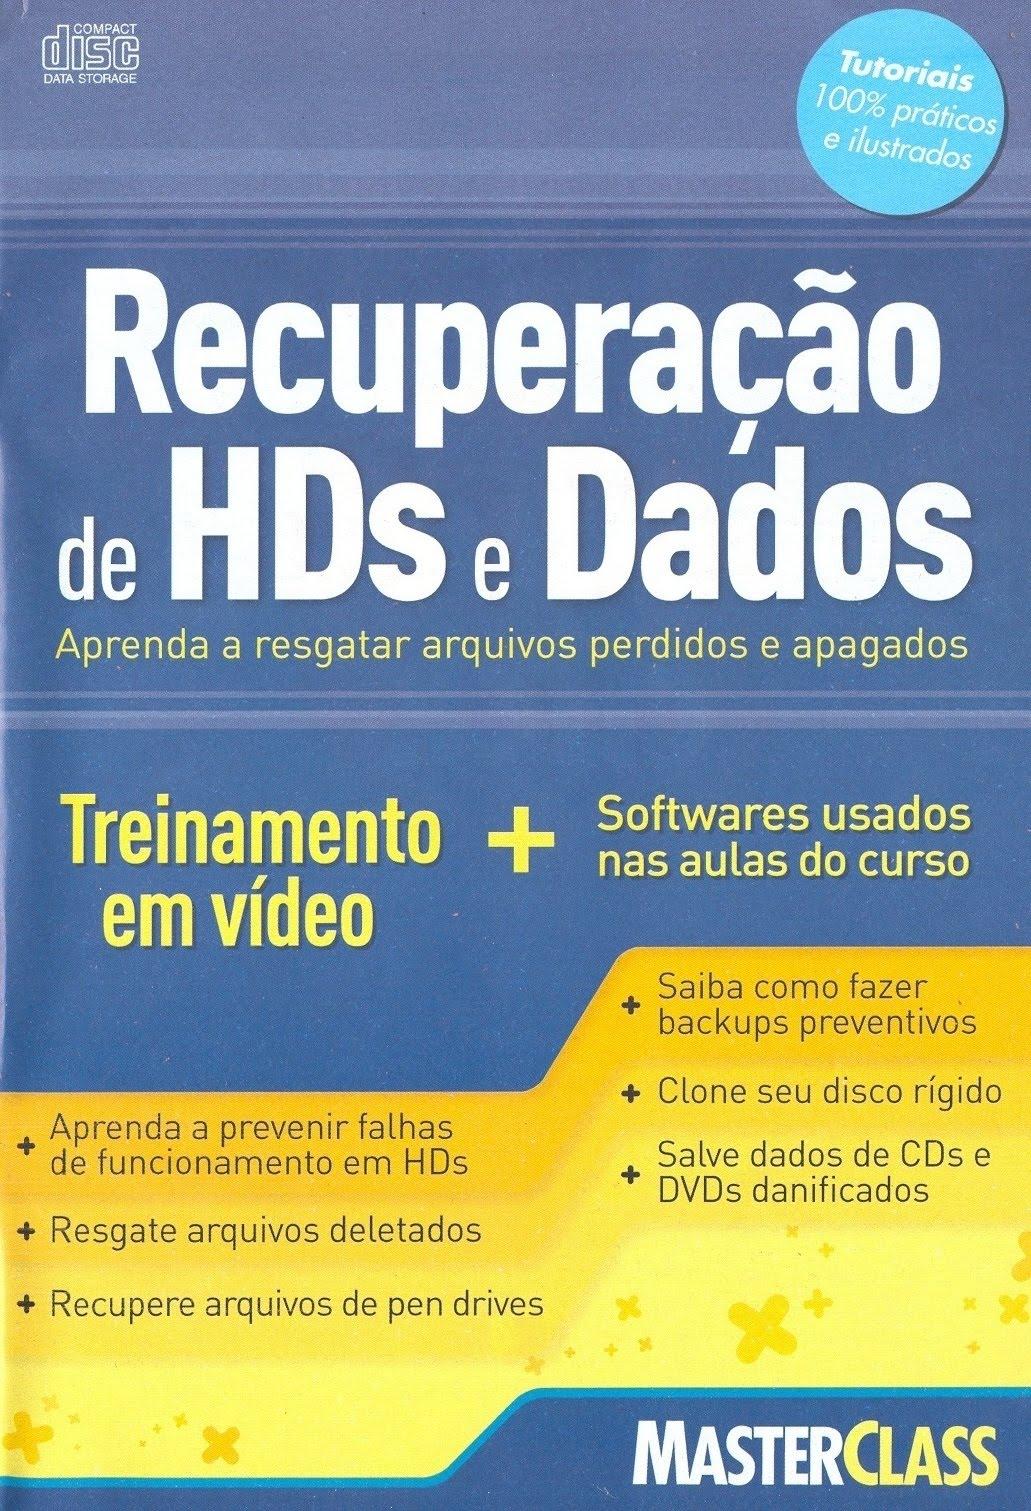 [Recuperação+de+HDs+e+Dados.jpg]